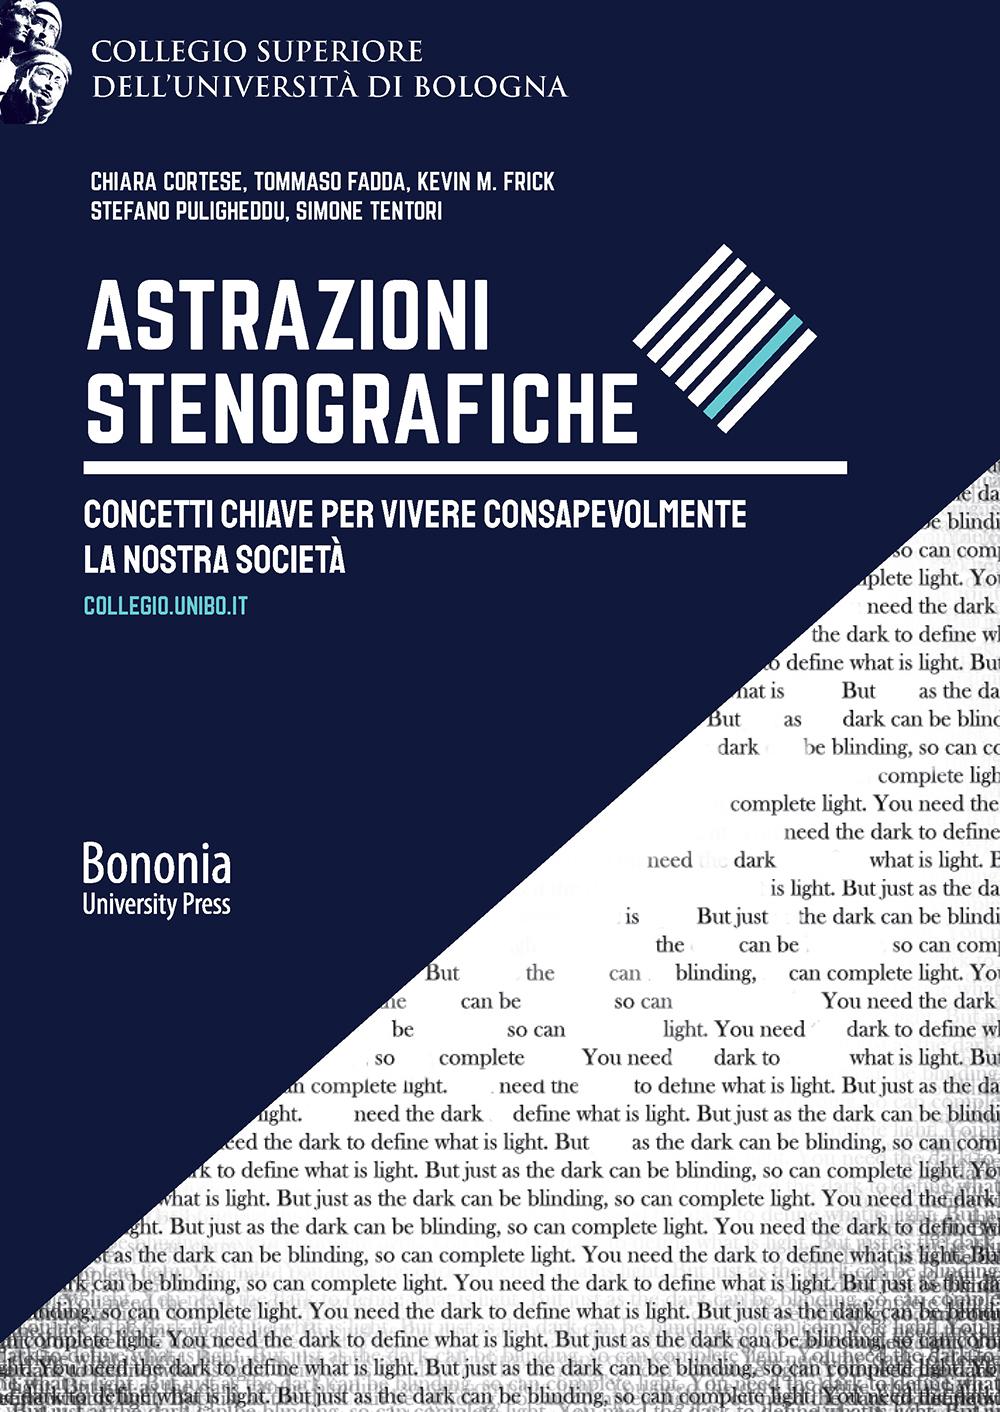 Astrazioni stenografiche - Bononia University Press